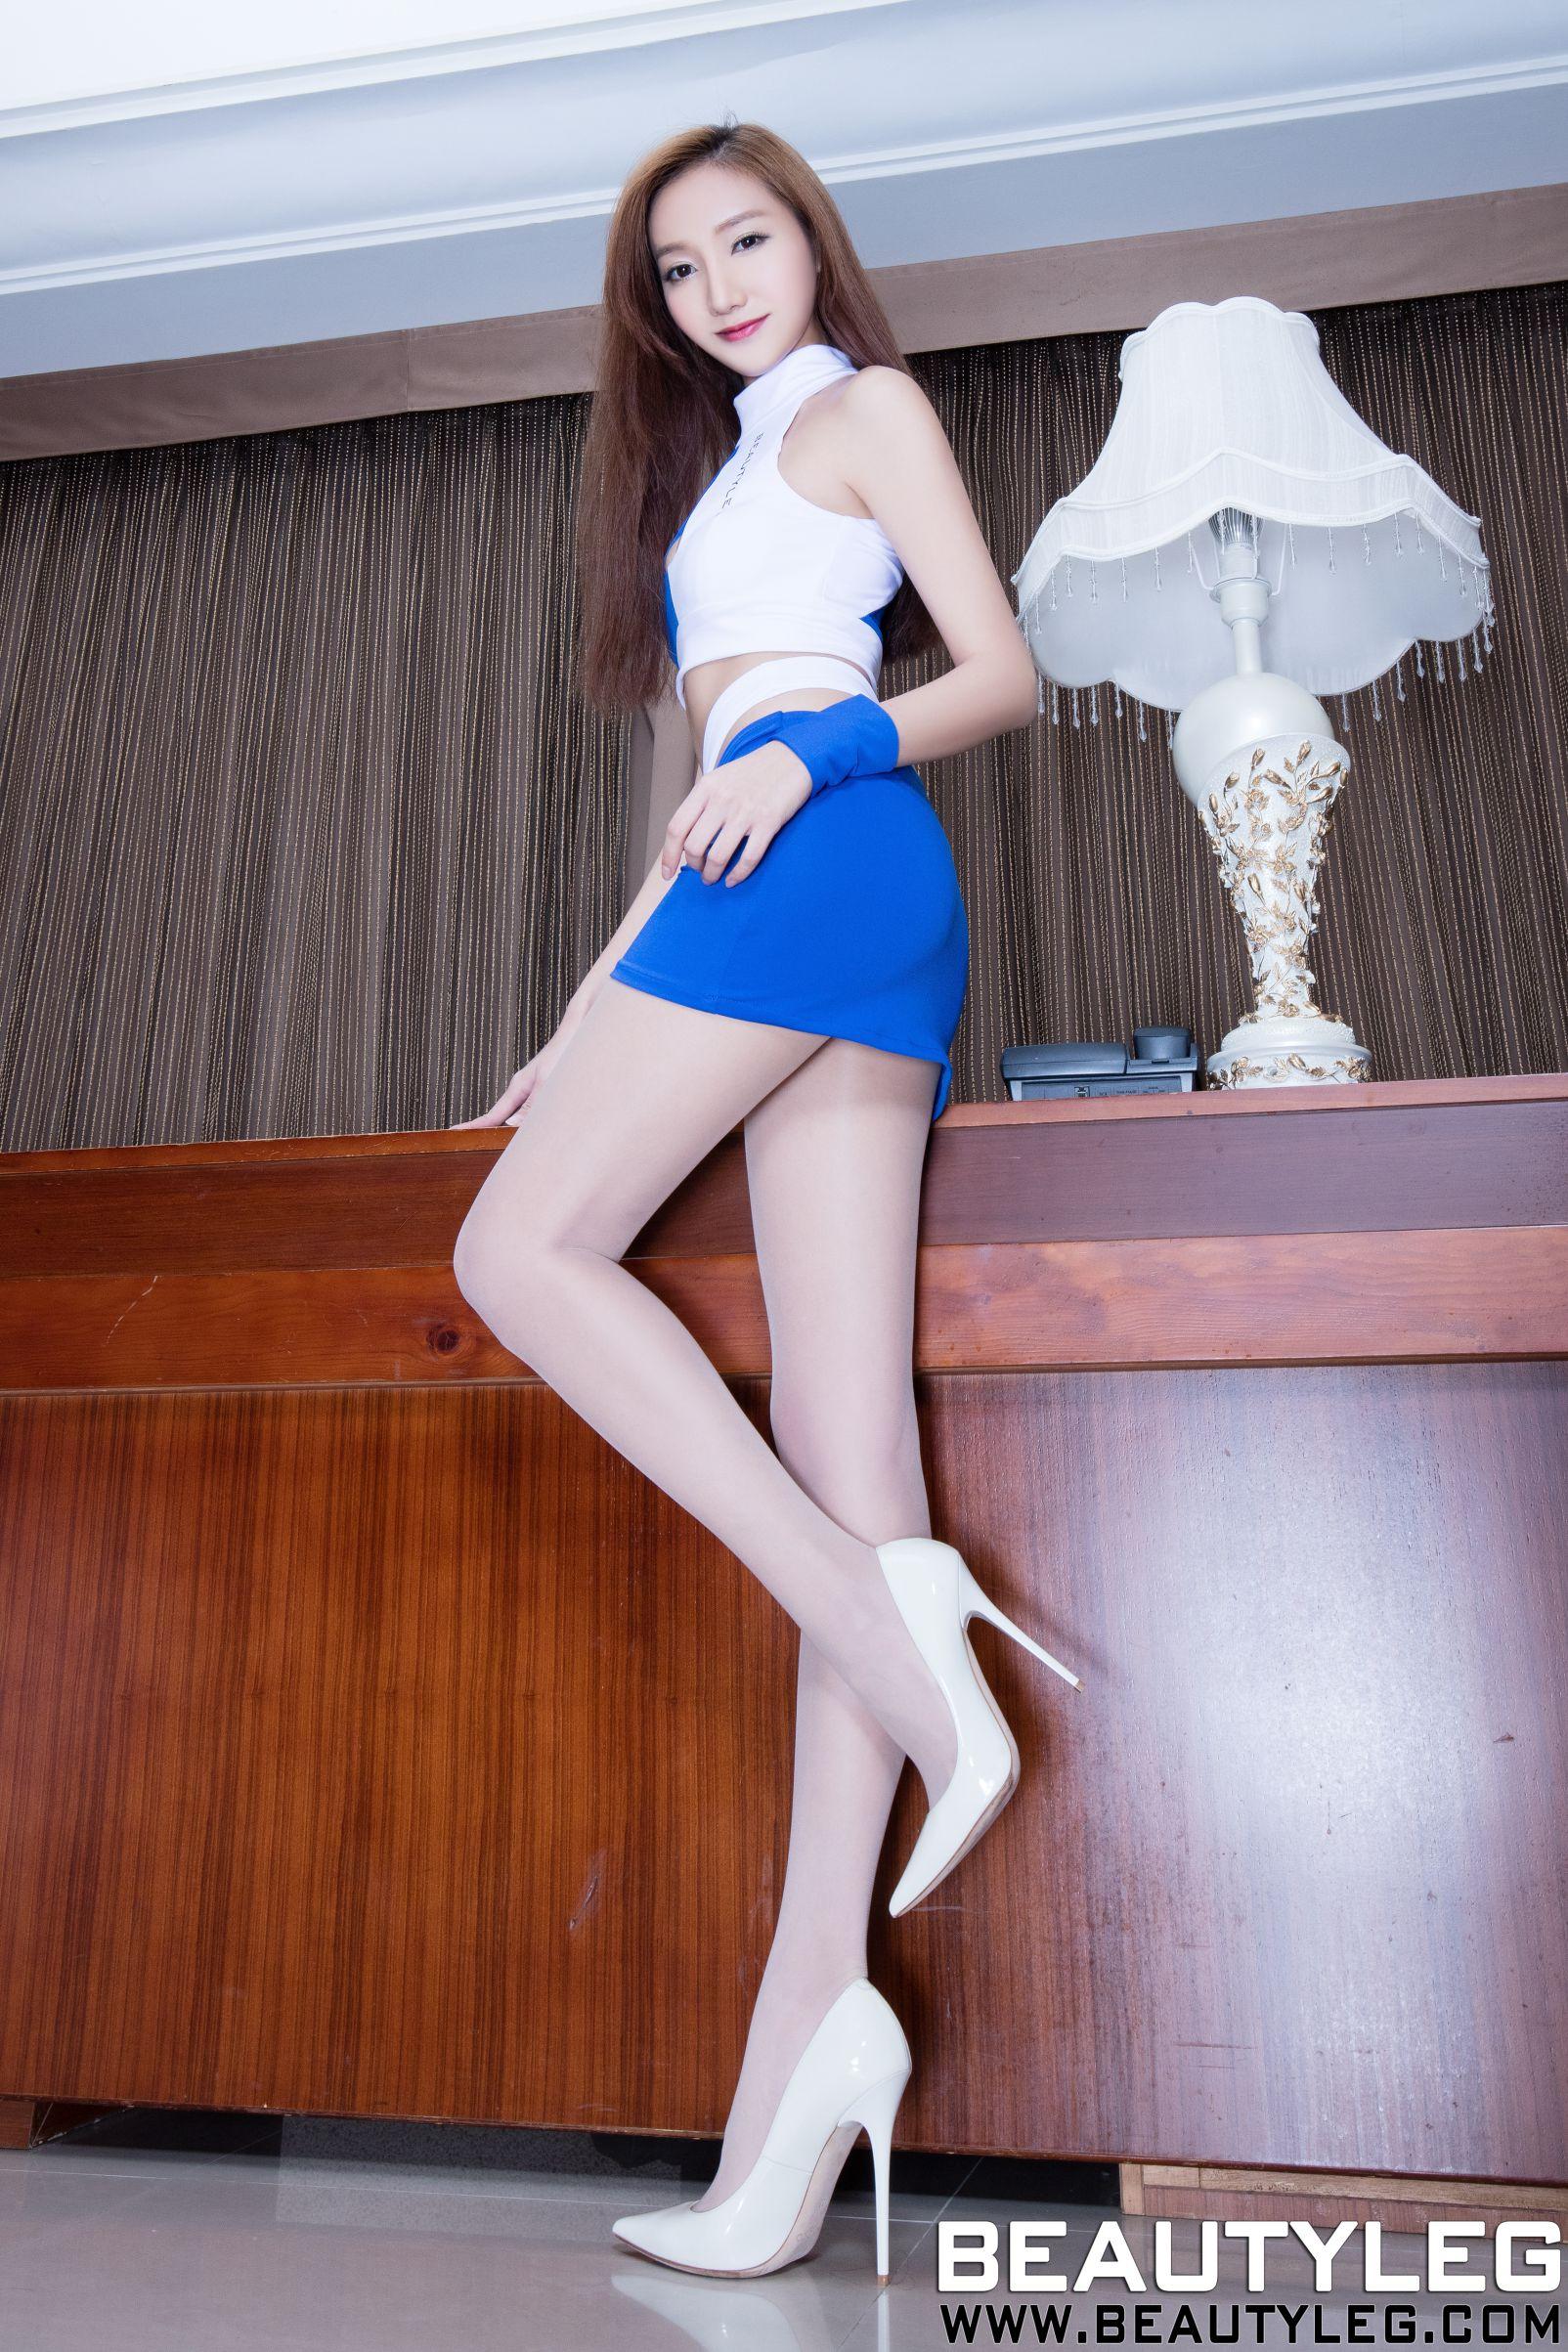 Tina 制服+丝袜+内衣美腿写真图片